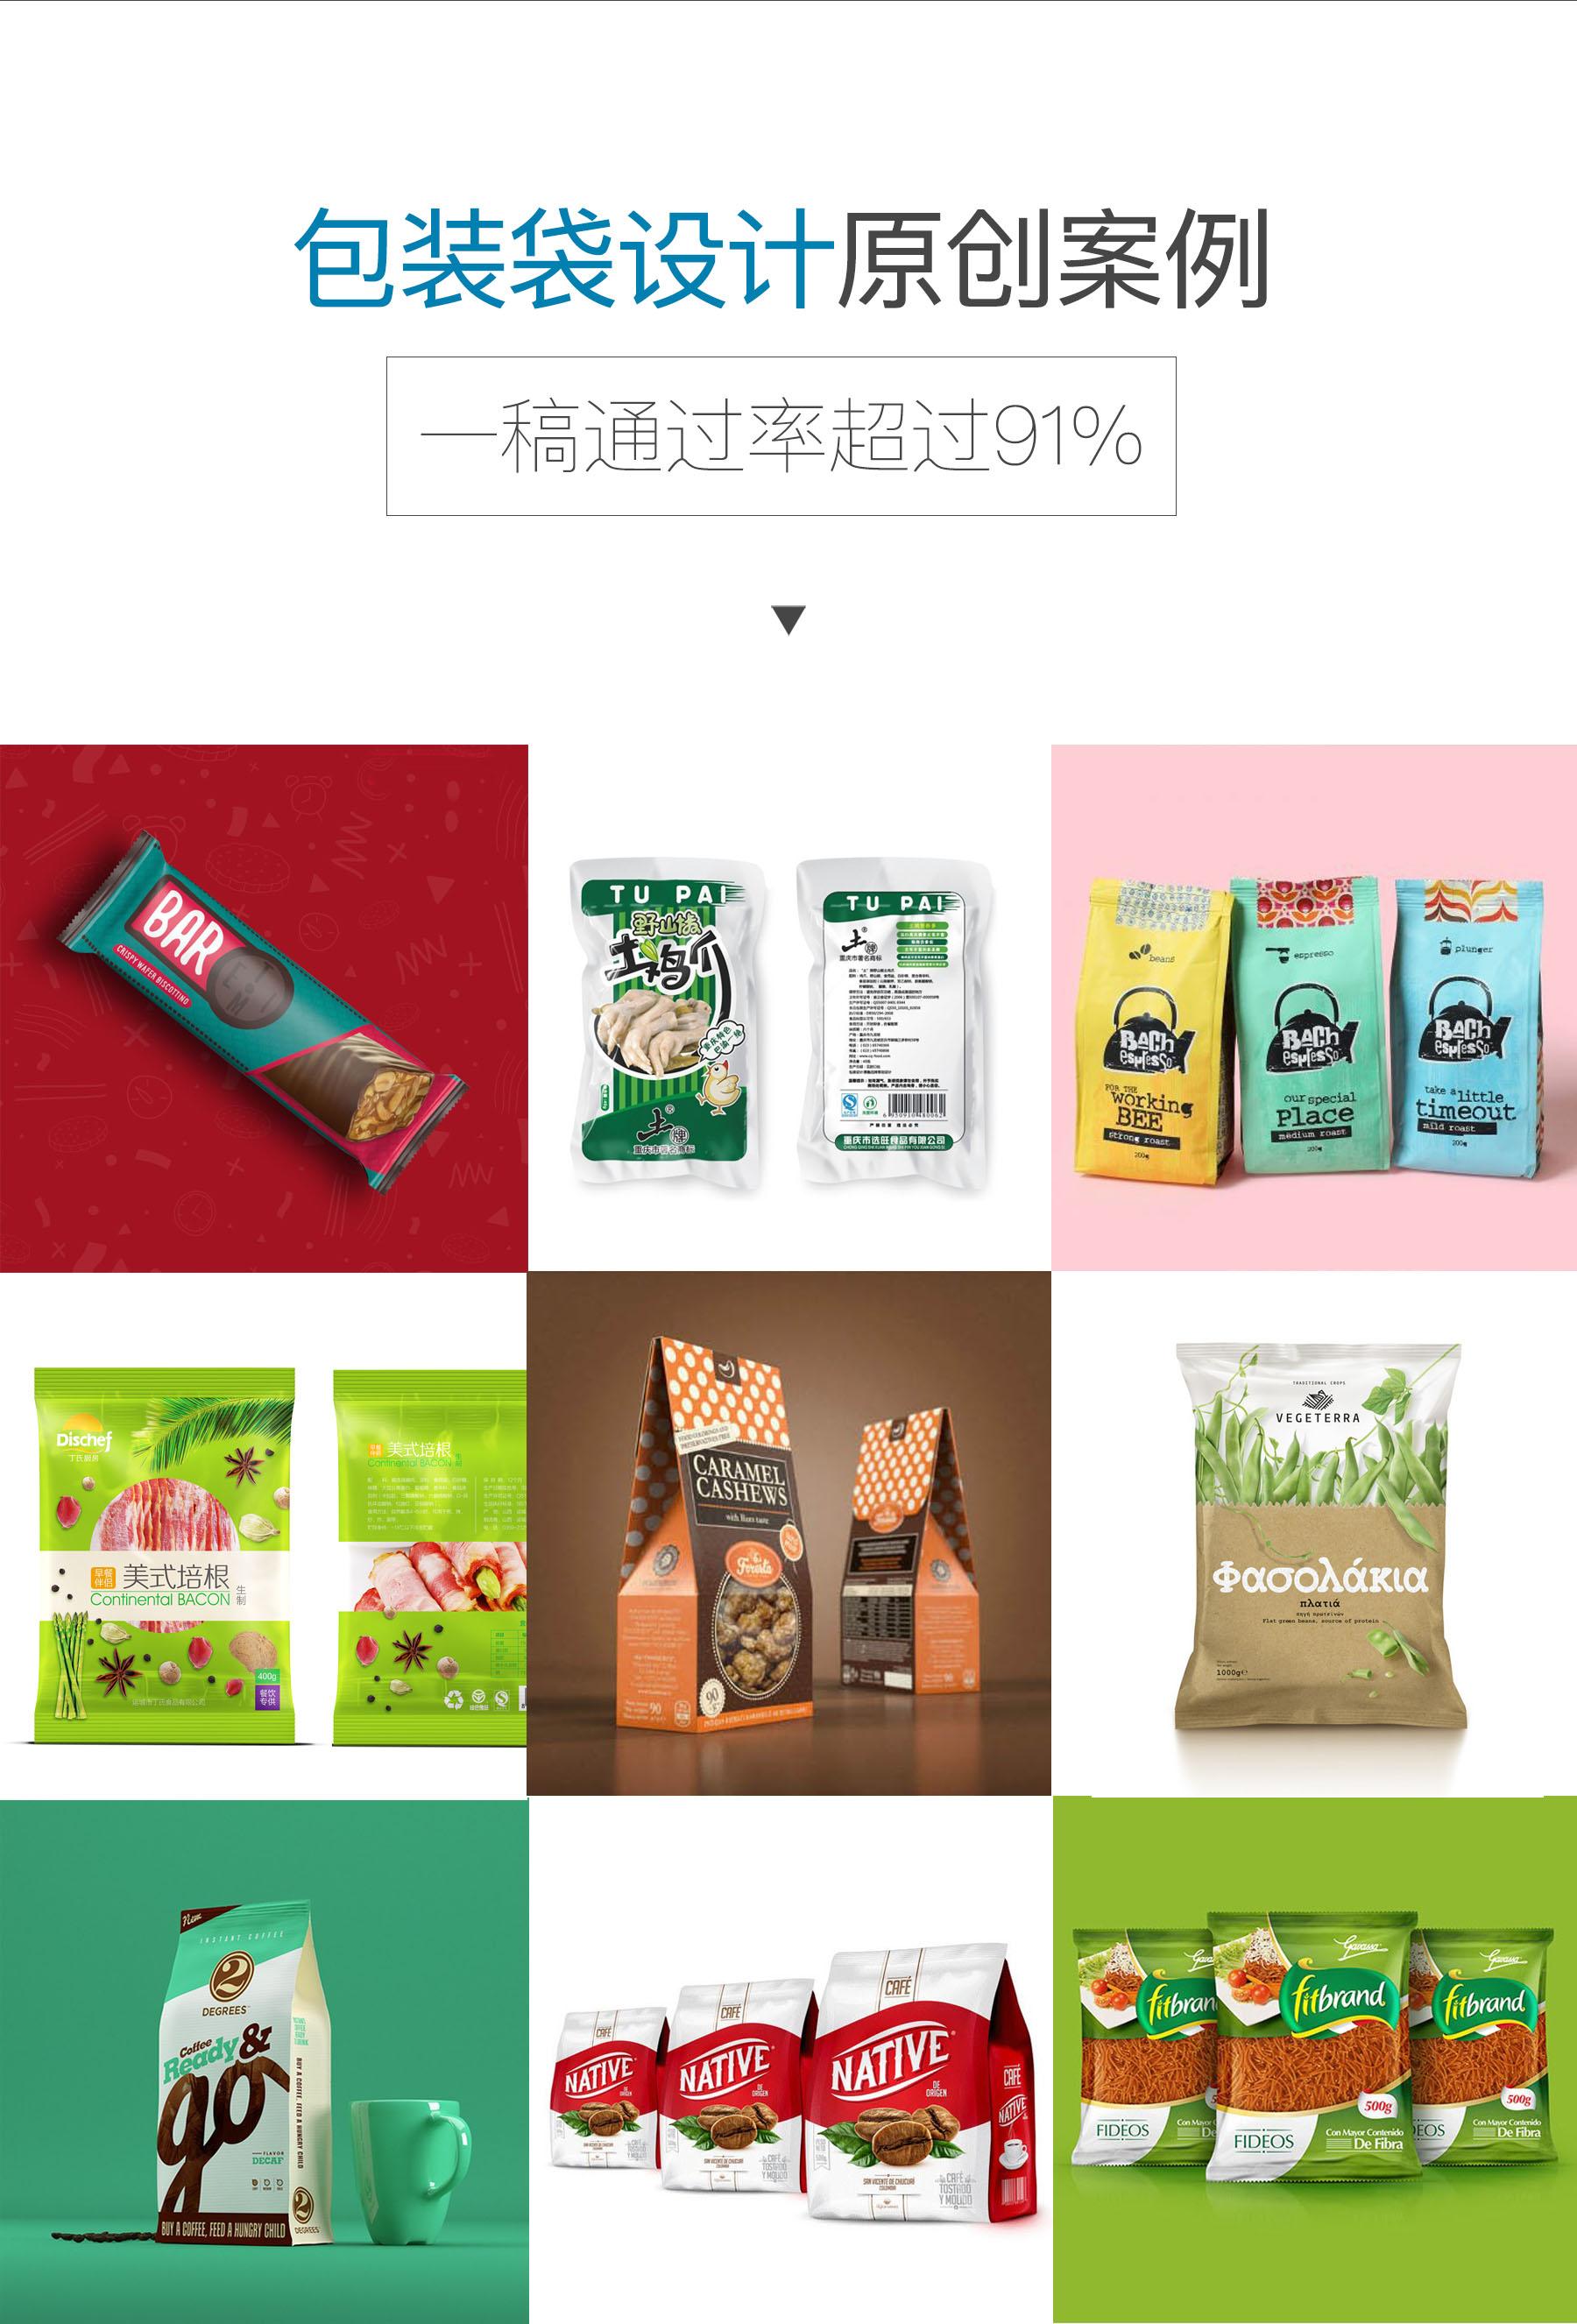 包装设计_【包装】食品酒水茶饮料红酒保健品农产品礼盒母婴原创包装设计14